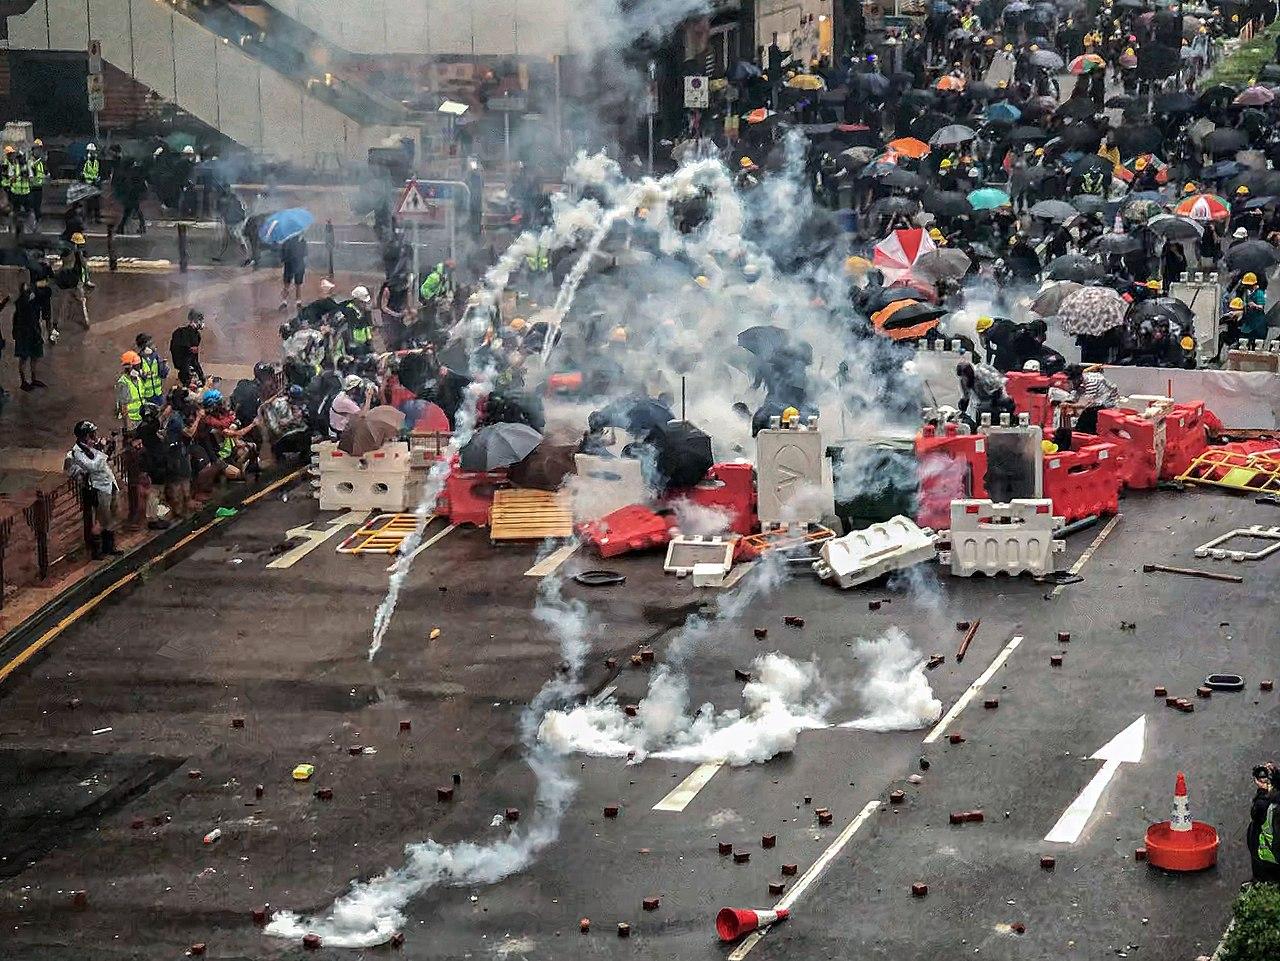 香港デモが過激化し政府警察と激しく対立